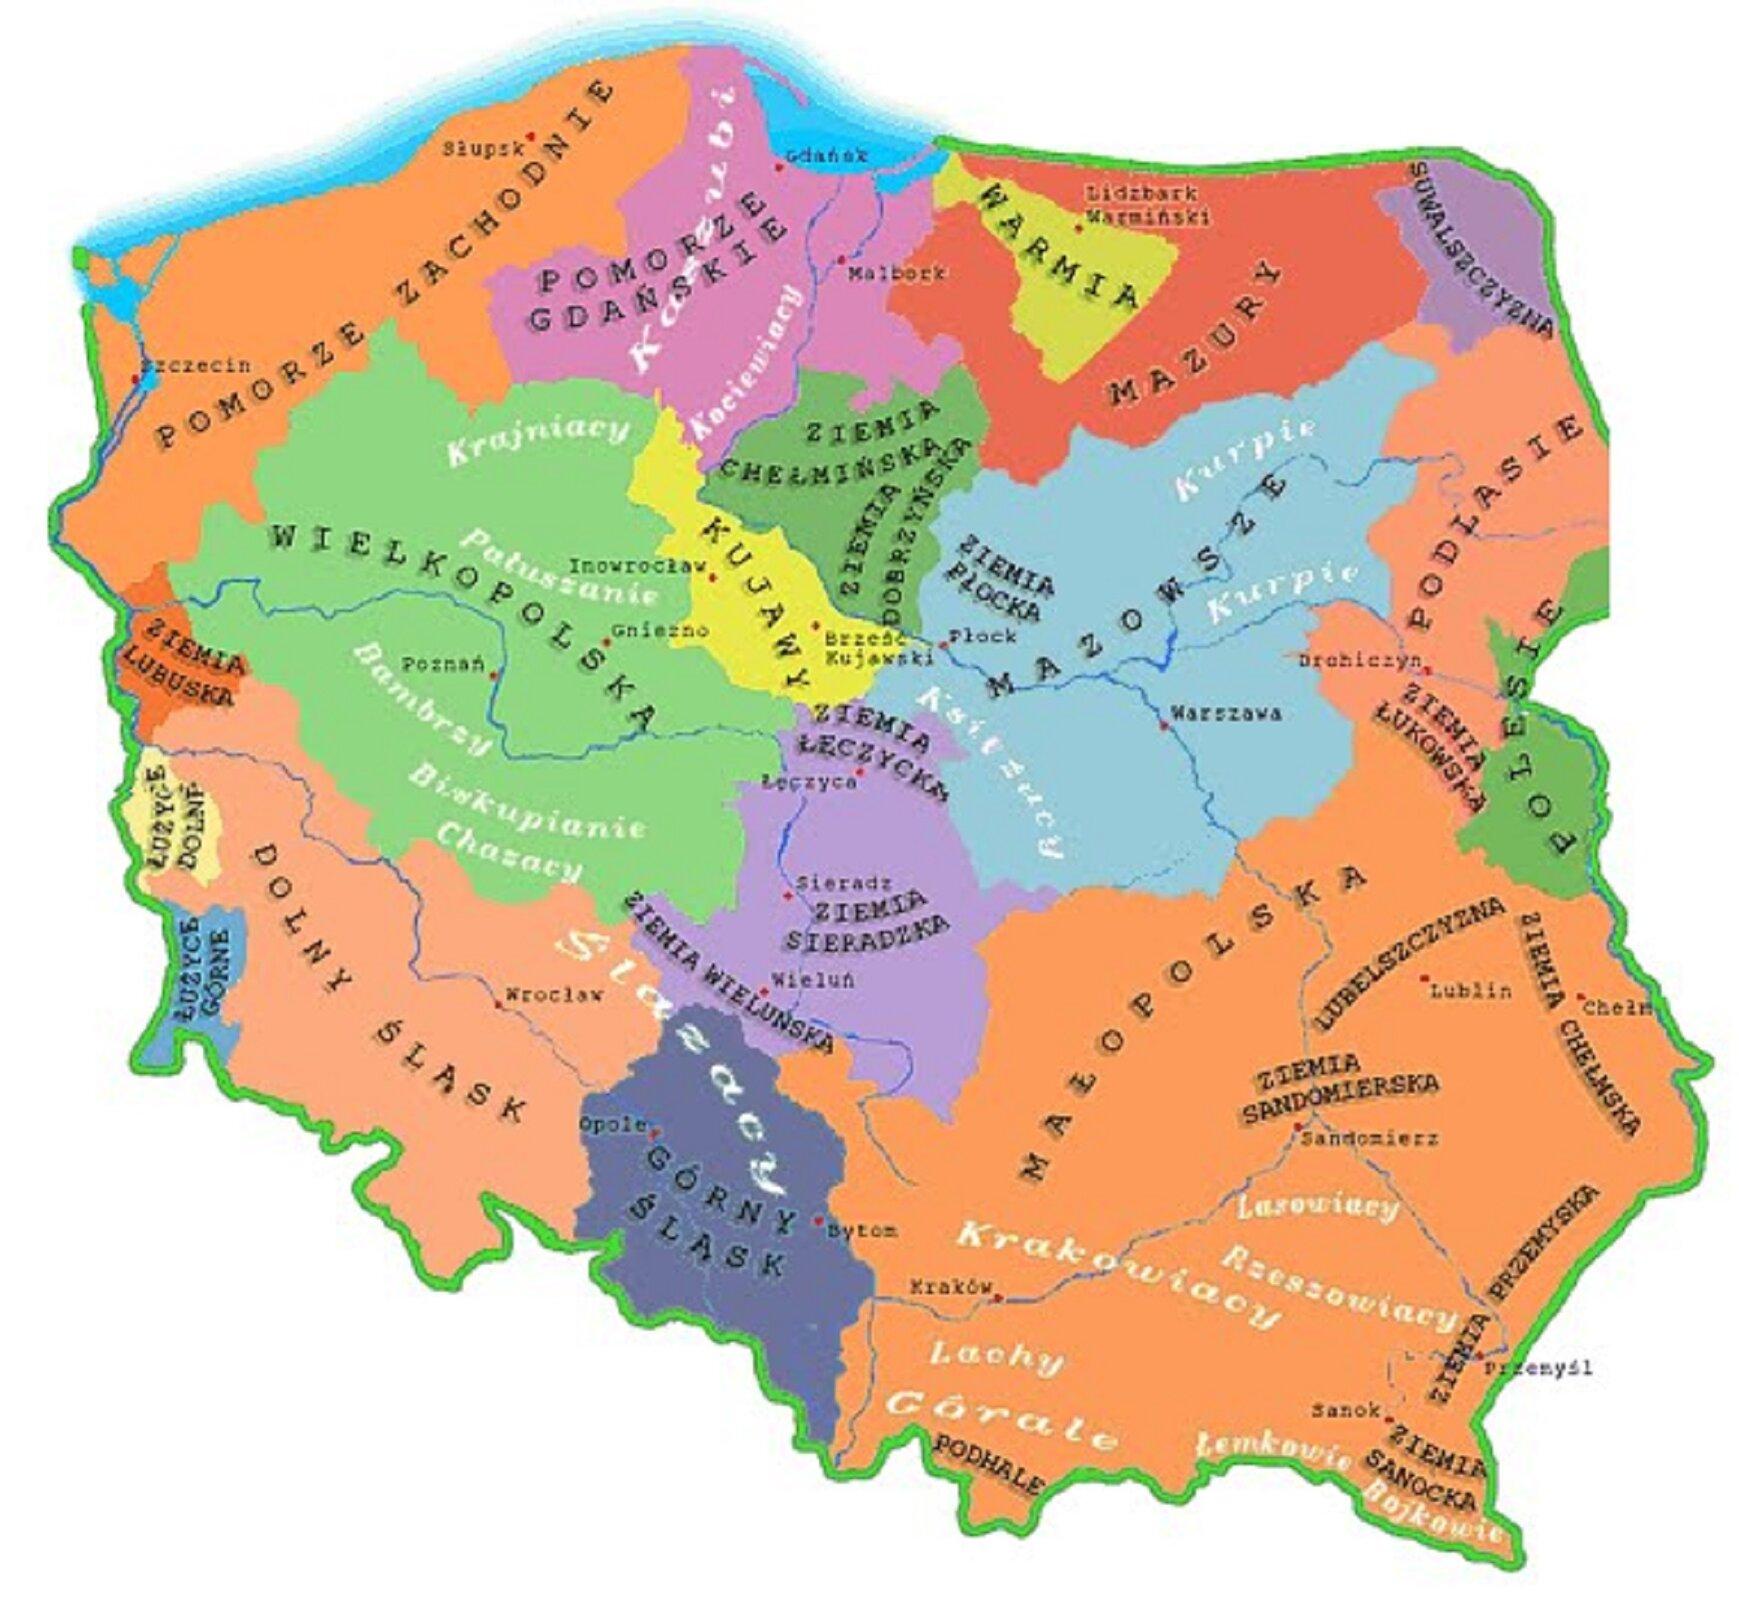 Ilustracja przedstawia mapę zfolklorystycznymi regionami Polski. Poszczególne regiony wyróżnione są kolorami. Na północy: Pomorze Zachodnie, Pomorze Gdańskie, Warmia, Mazury, Suwalszczyzna. Niżej: Ziemia Lubuska, Wielkopolska, Kujawy, Ziemia Chełmińska, Mazowsze, Podlasie. Wcentrum: Ziemia Sieradzka, Na południu: Dolny Śląsk, Górny Śląsk, Małopolska. WMałopolsce zaznaczone mniejsze regiony: Podhale, Ziemia Sandomierska, Lubelszczyzna, Ziemia CHełmska, Ziemia Przemyska, ZIemia Sanocka.